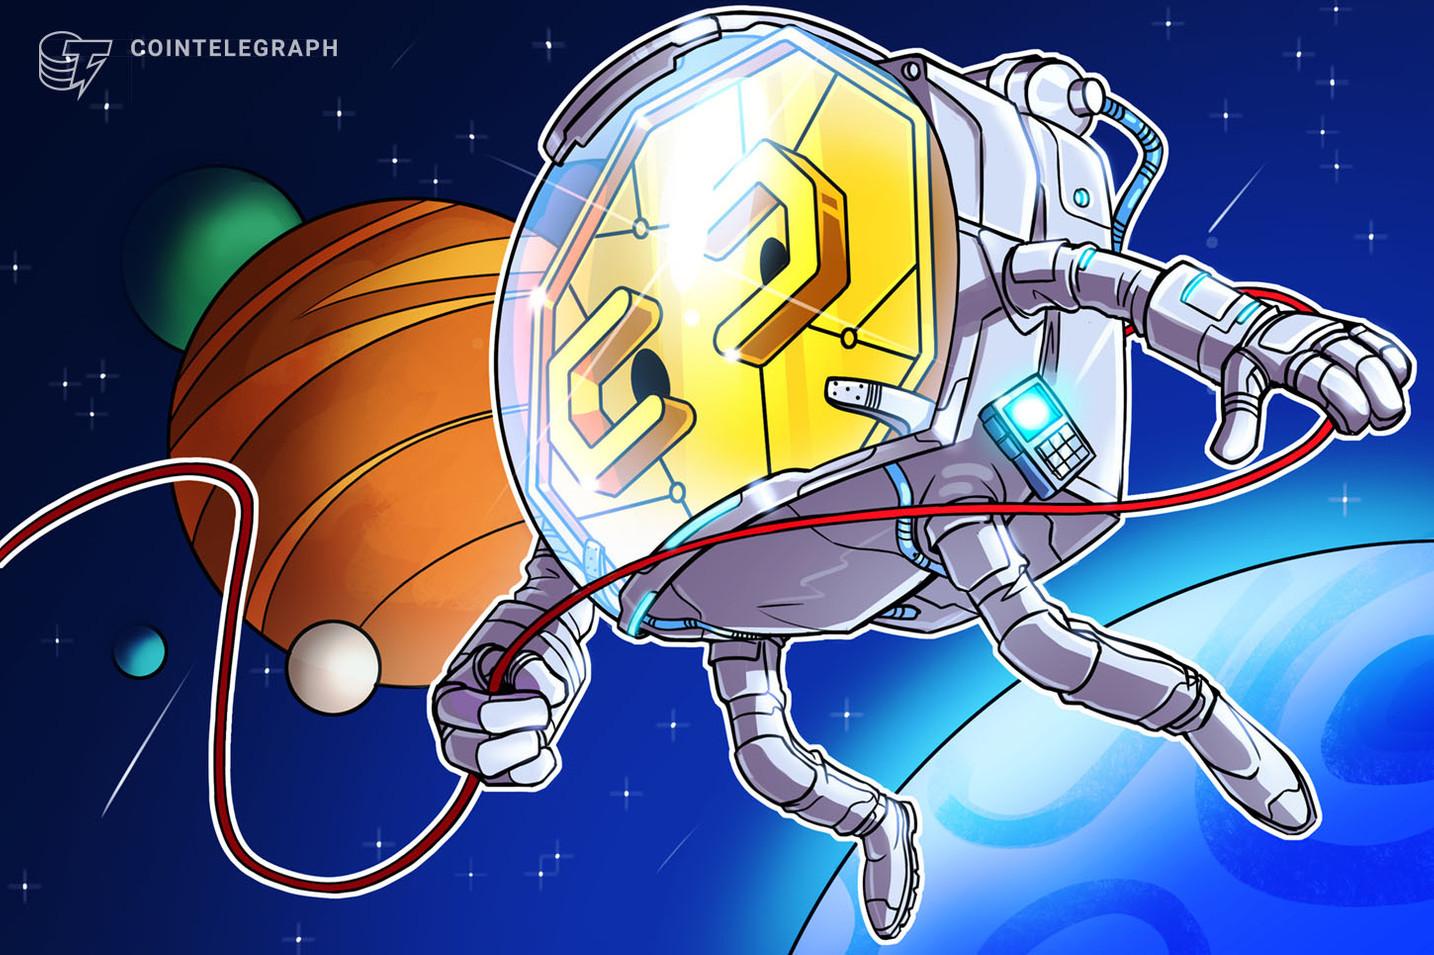 Volume de sintéticos do Bitcoin duplica desde o início do ano e amplia possibilidades do BTC